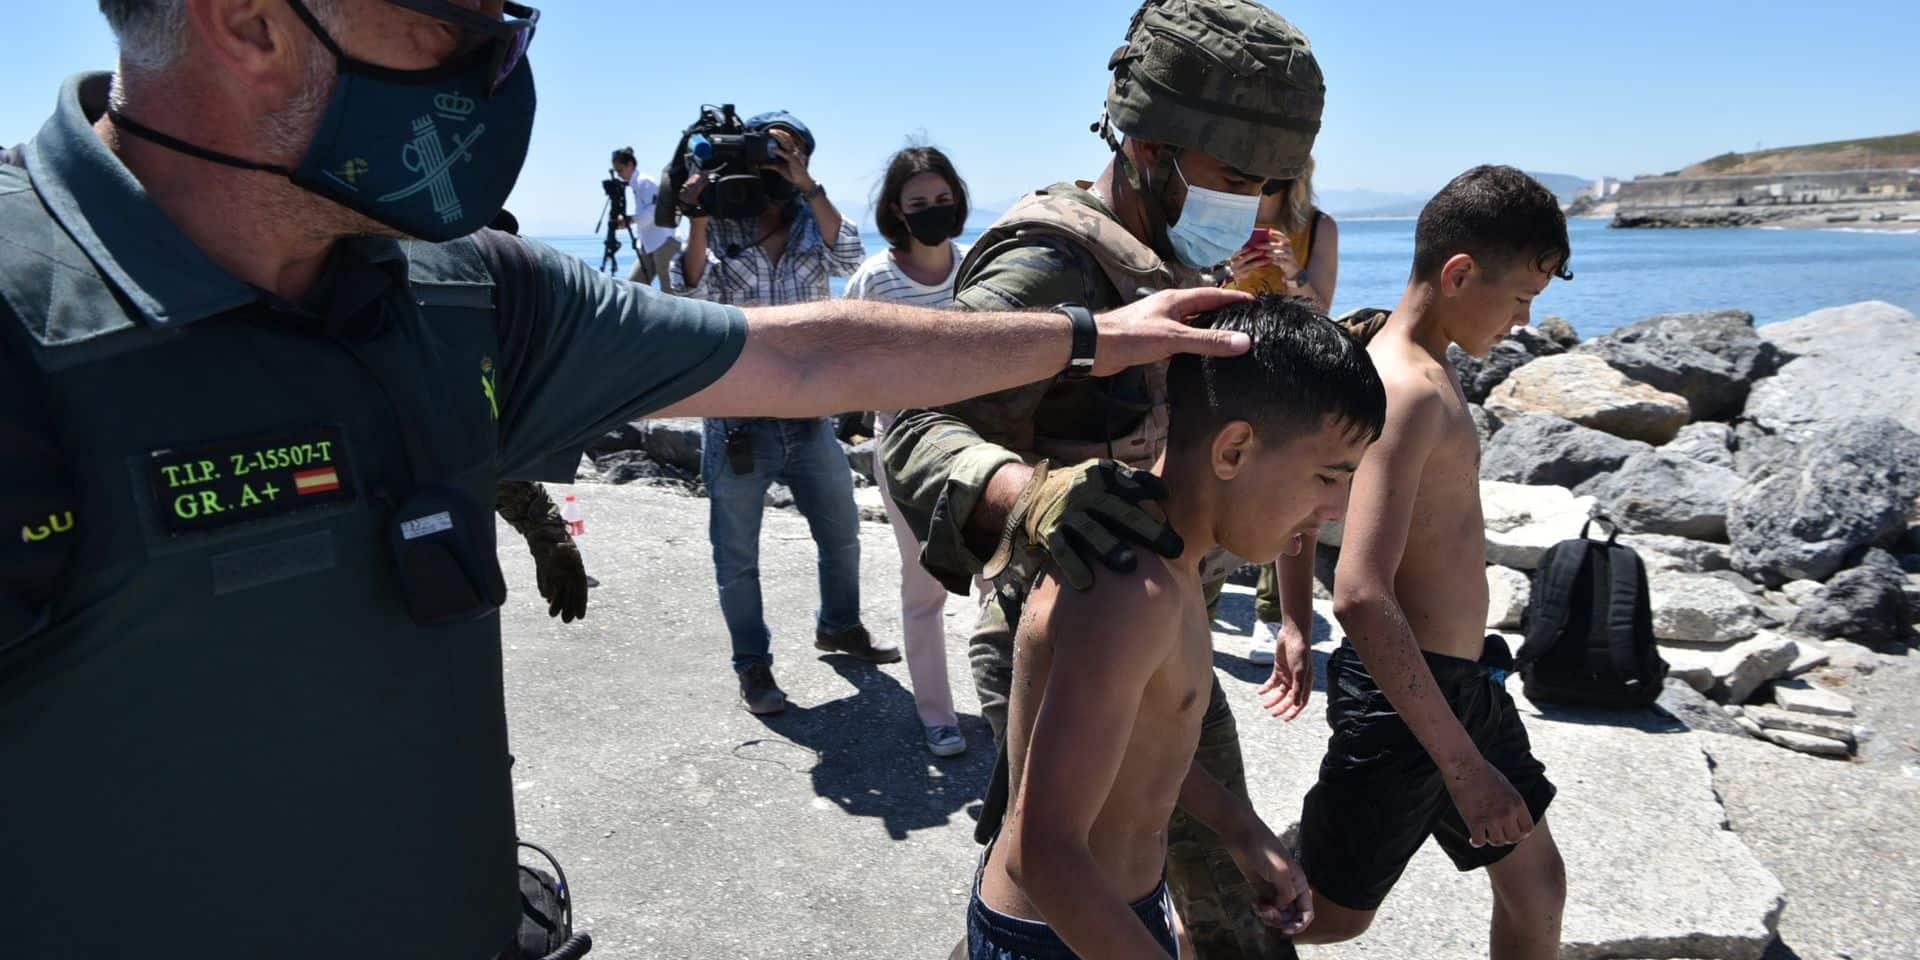 La situation à la frontière espagnole de Ceuta se calme